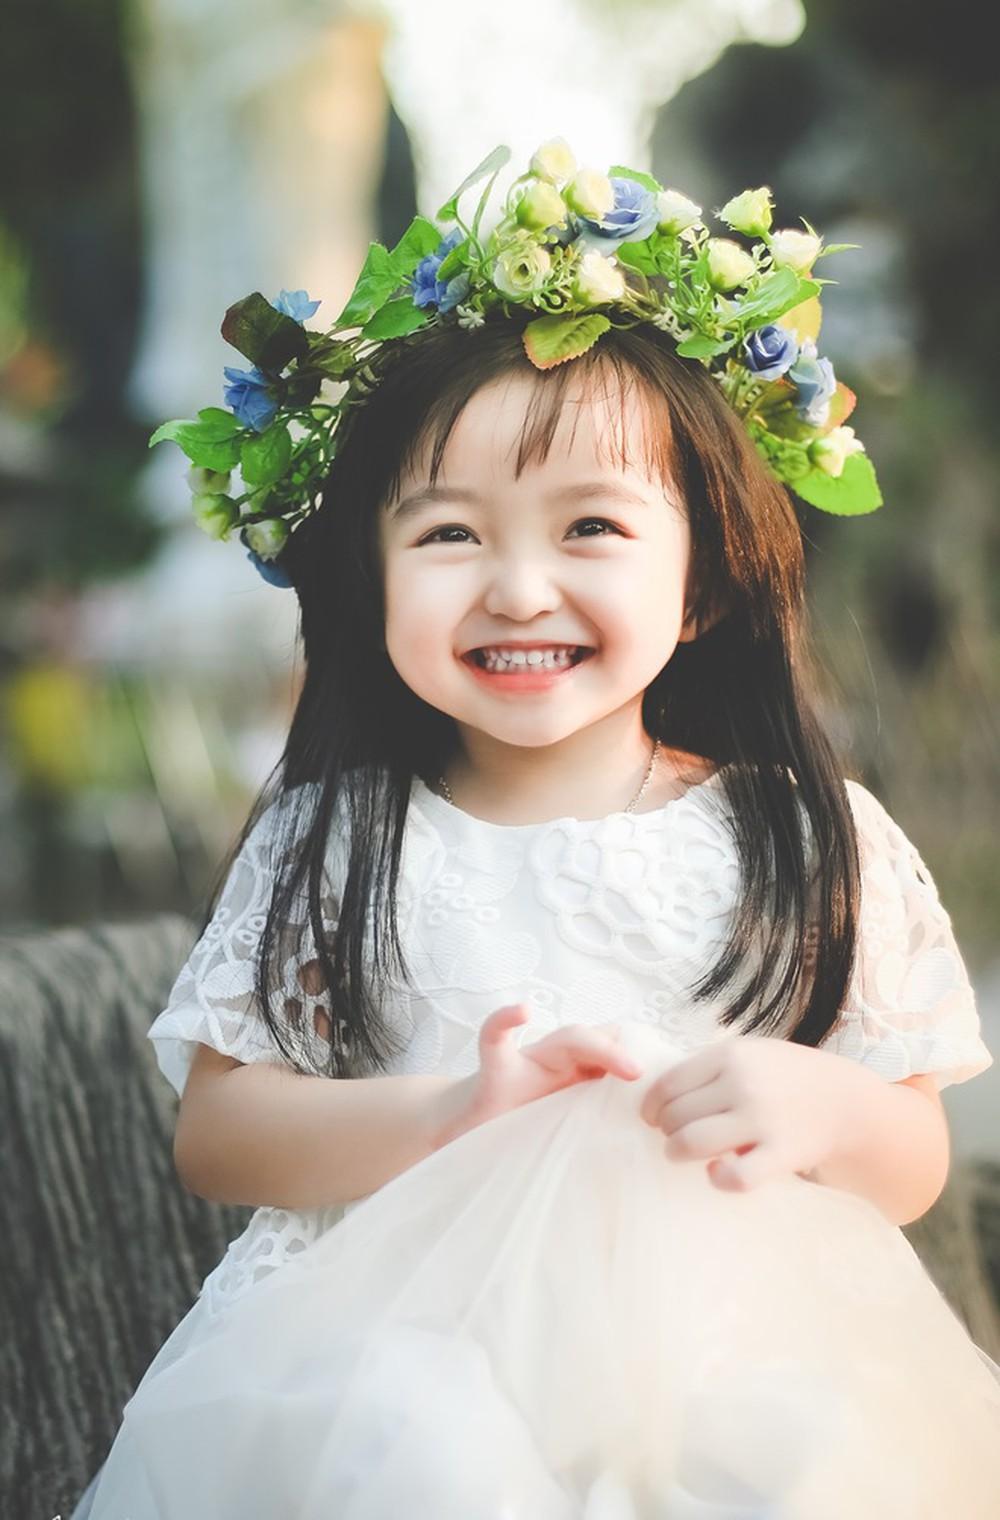 Kiểu tóc dài thẳng đẹp nhất cho bé gái